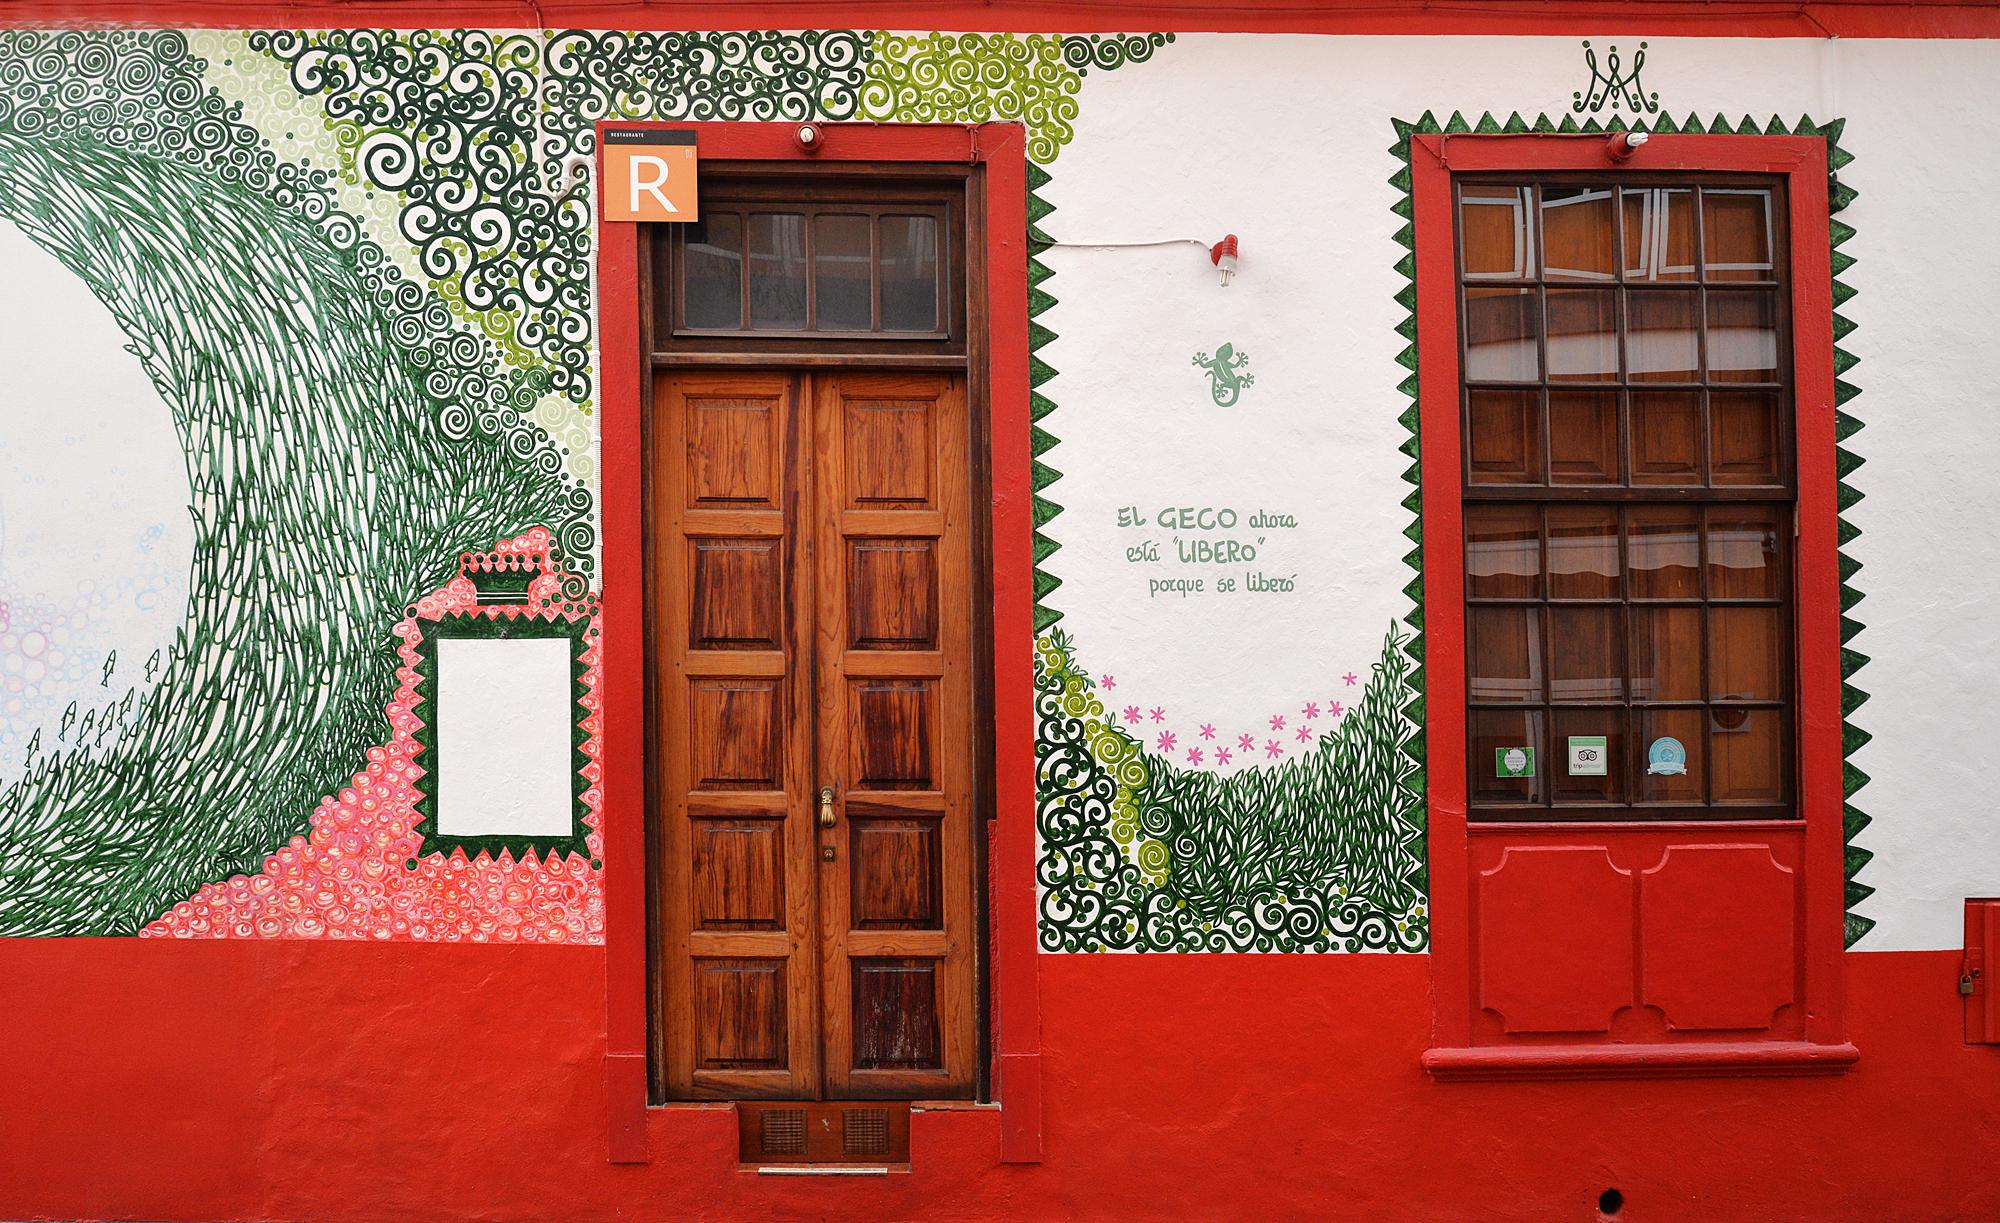 La Palma, Los Llanos, bunte Türen